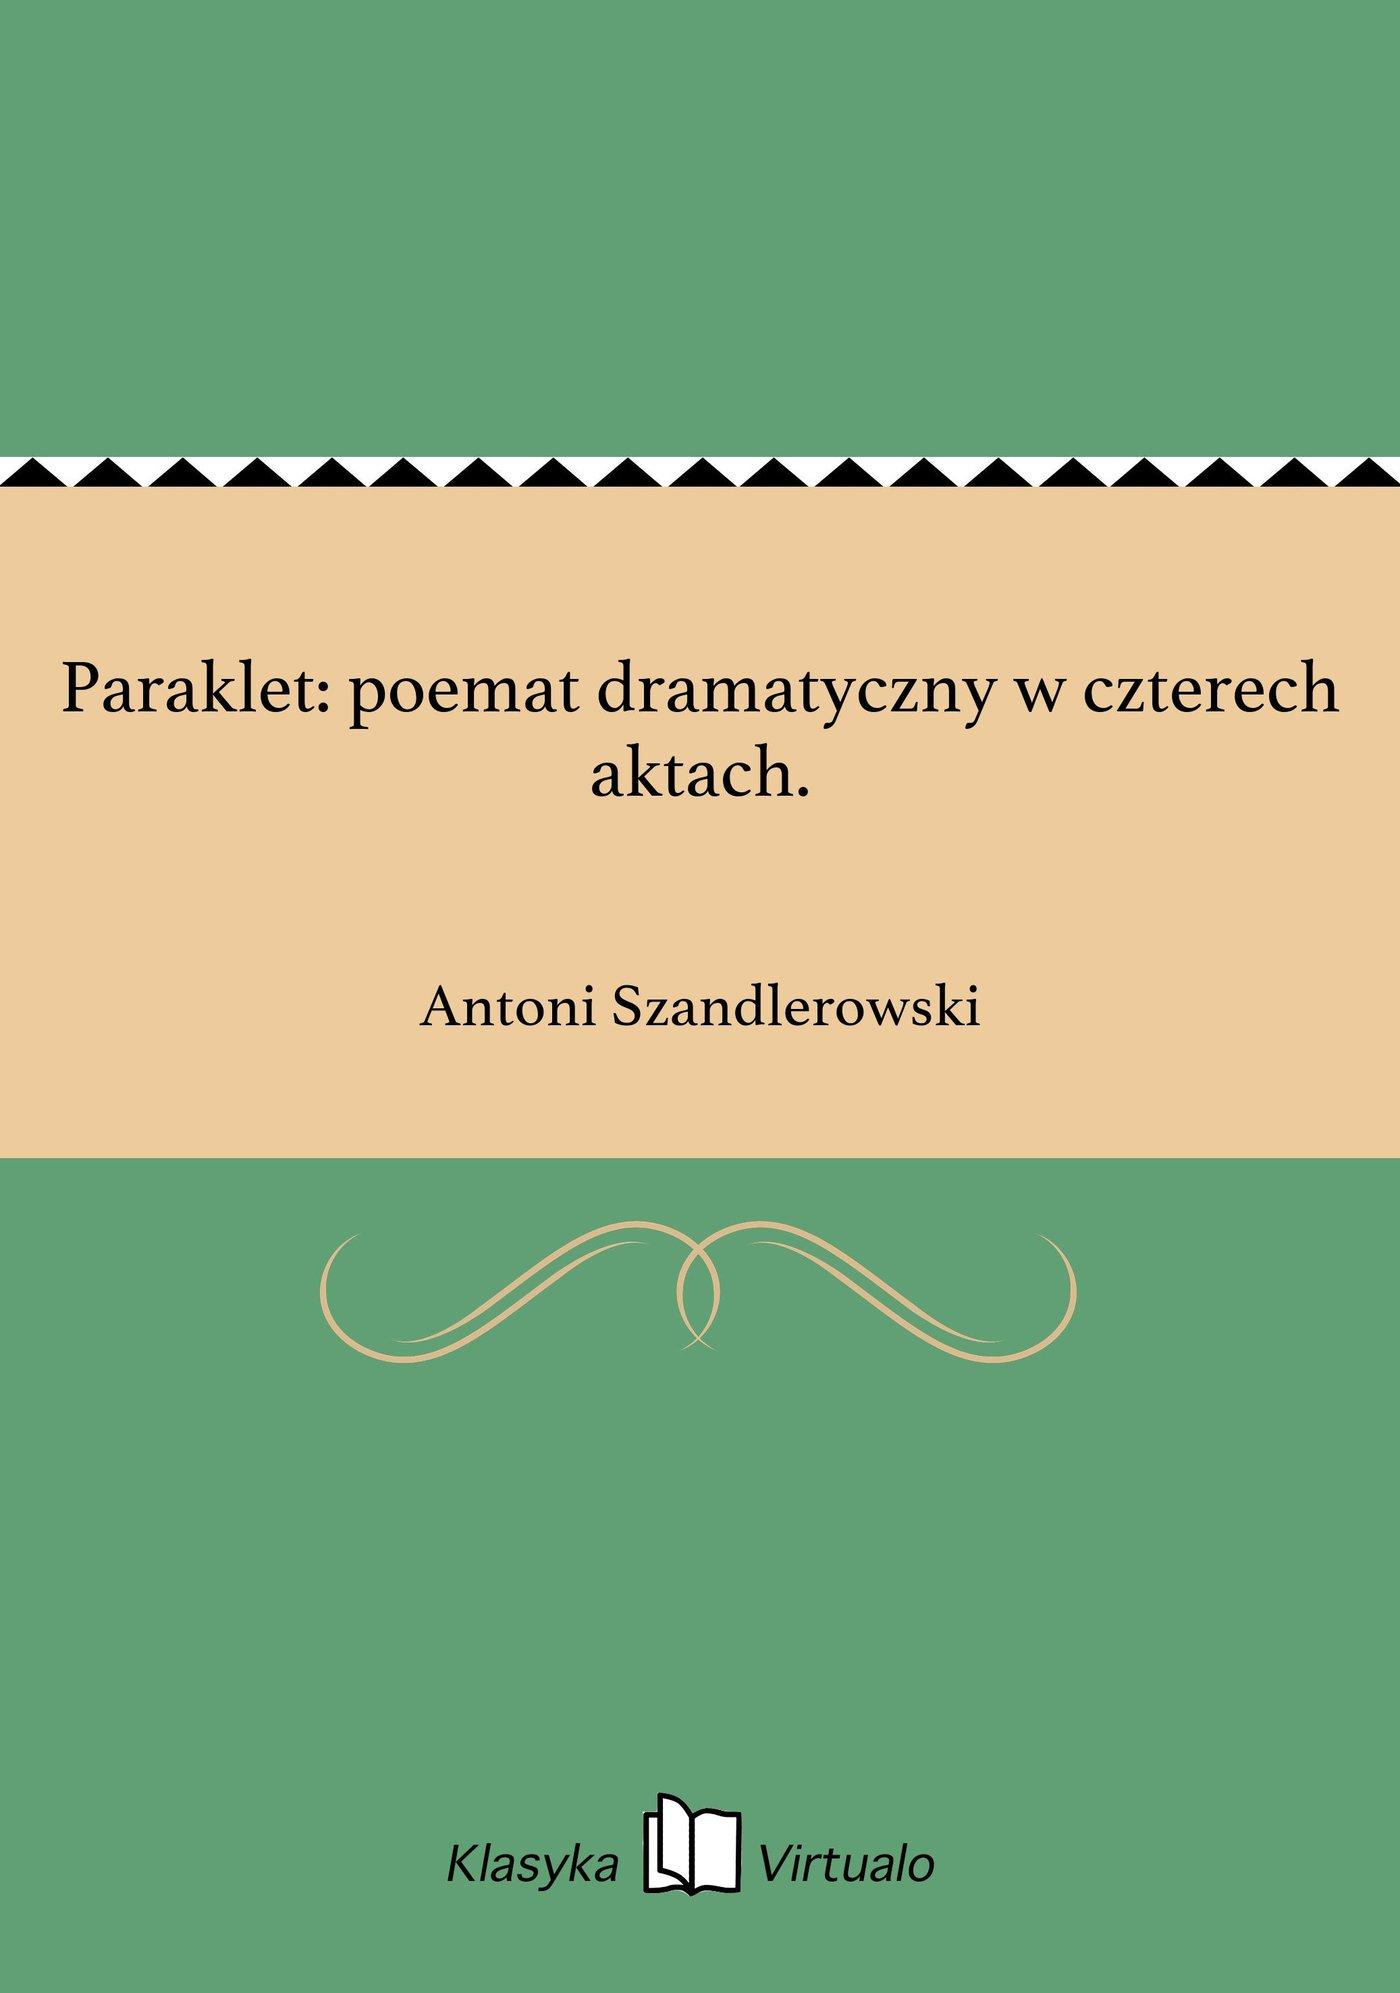 Paraklet: poemat dramatyczny w czterech aktach. - Ebook (Książka EPUB) do pobrania w formacie EPUB